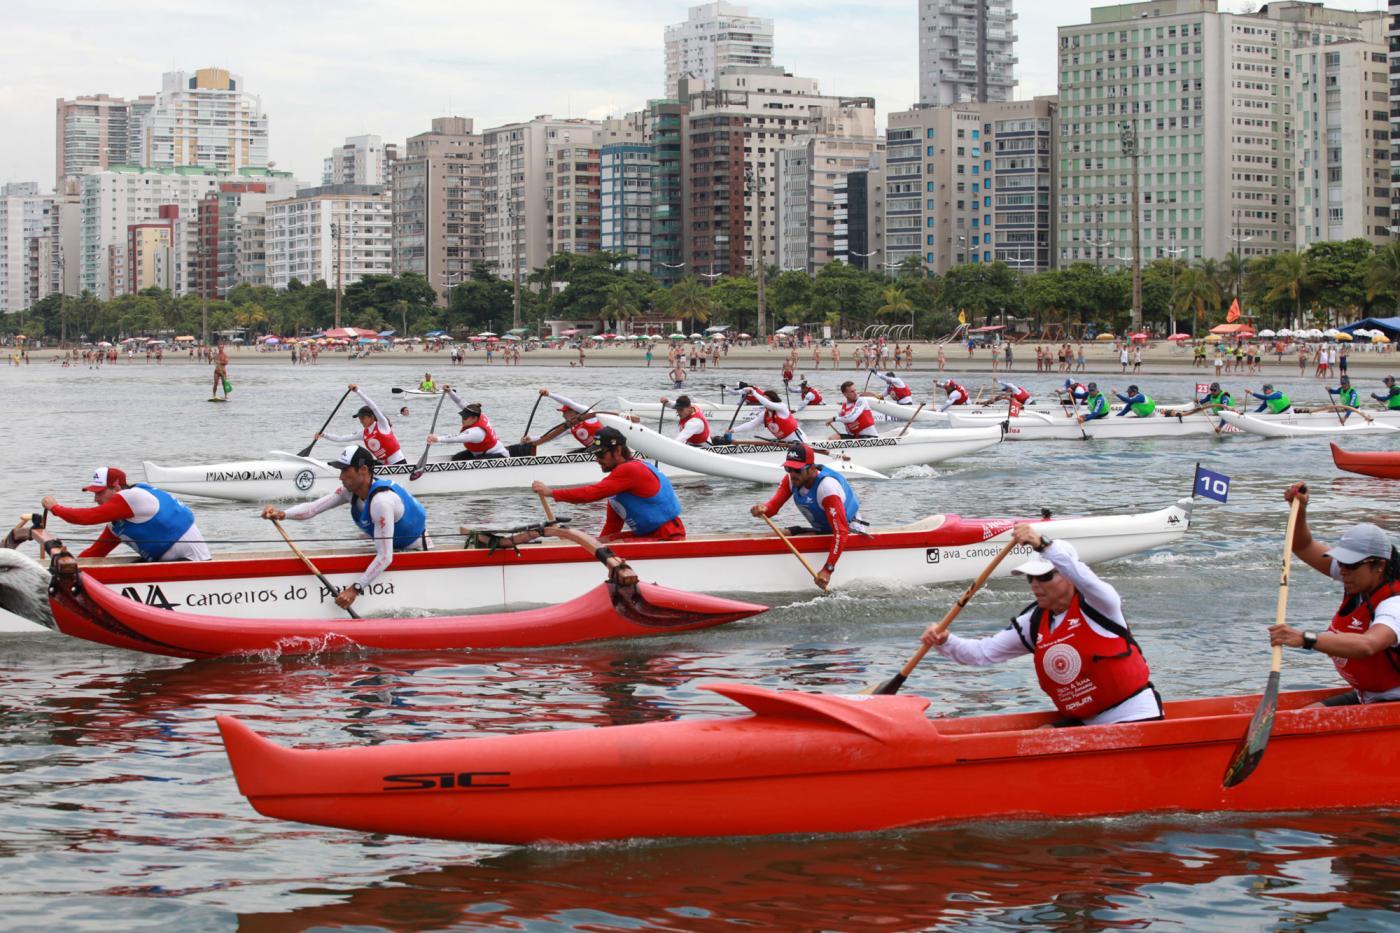 Santos recebe uma das maiores competições mundiais de canoa havaiana |  Prefeitura de Santos